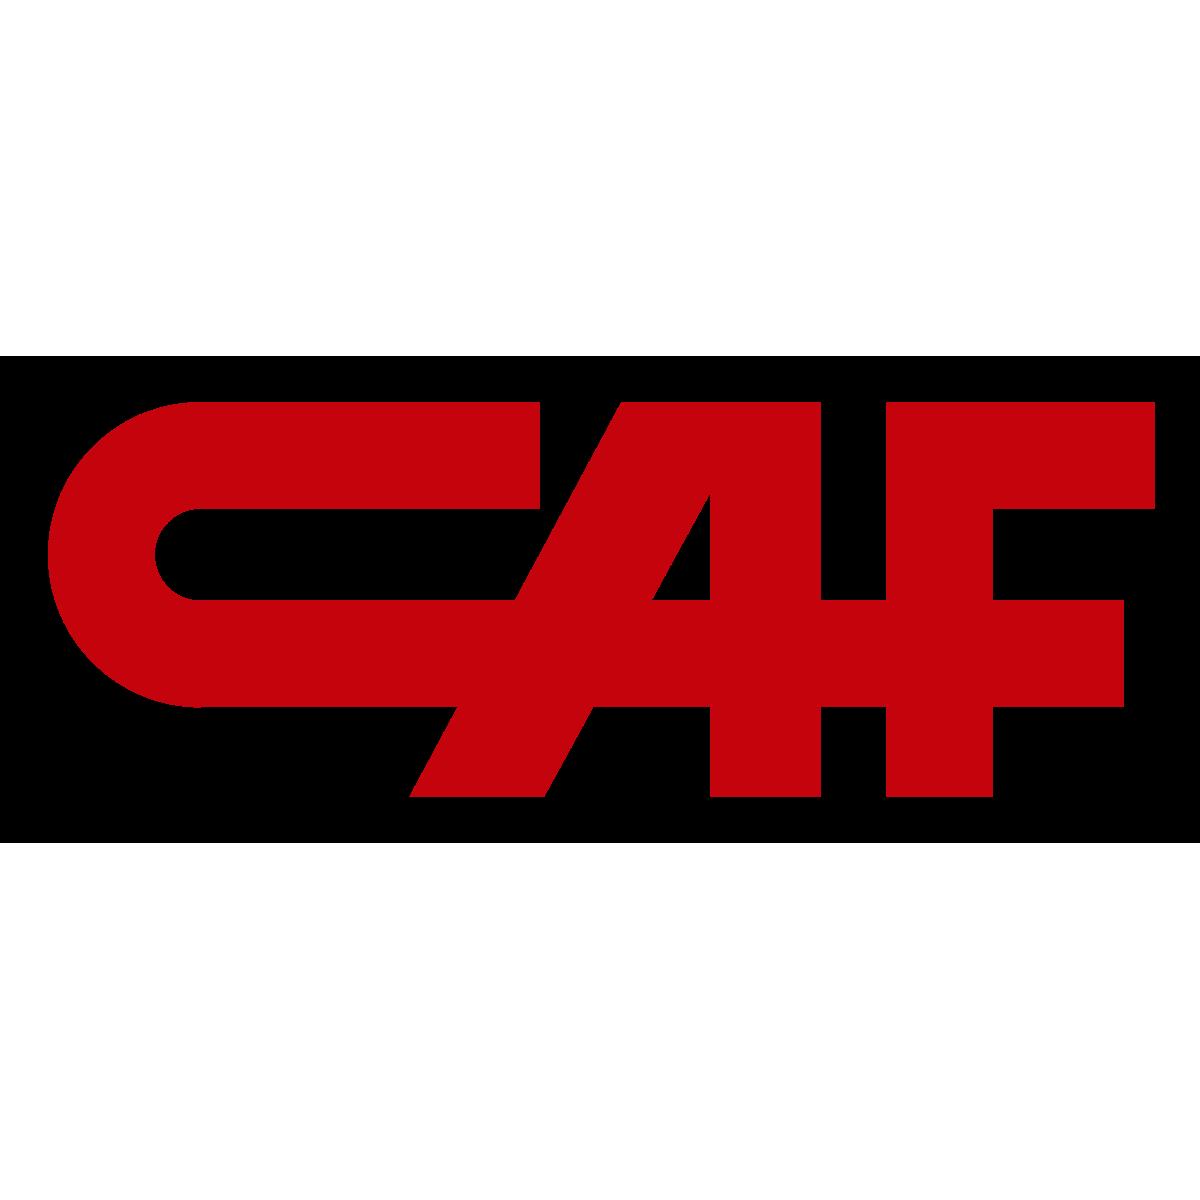 Logotipo de Construcciones y Auxiliar de Ferrocarriles